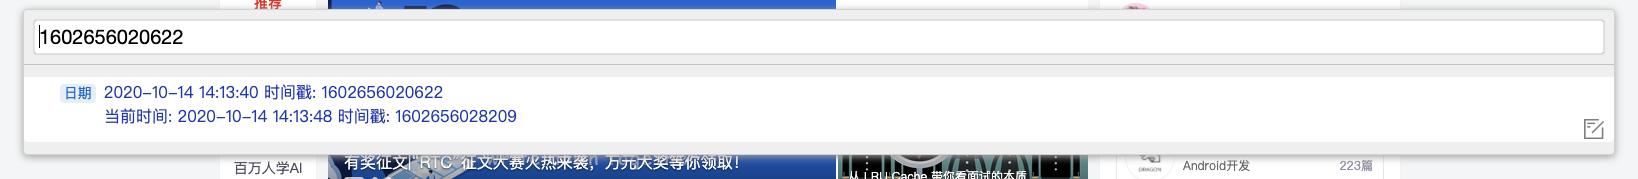 CSDN Chrome插件来了。助开发者提升开发效率,远离996